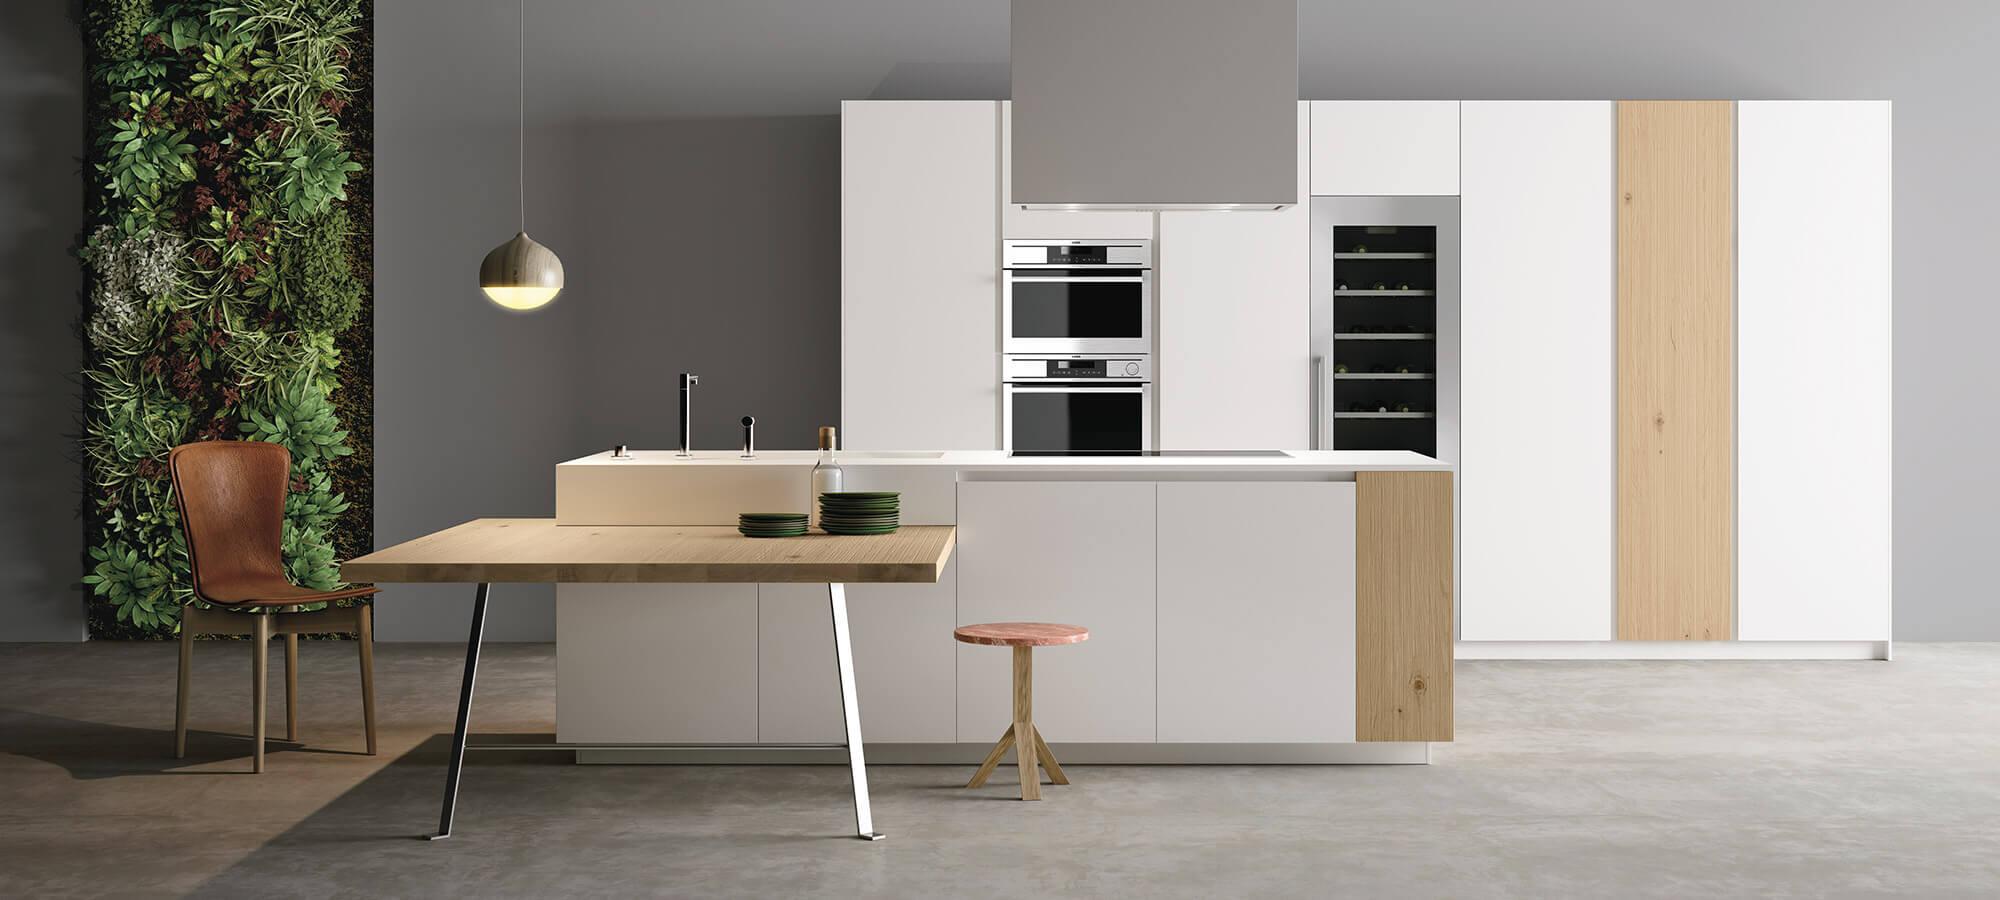 Materia-Kitchen-003